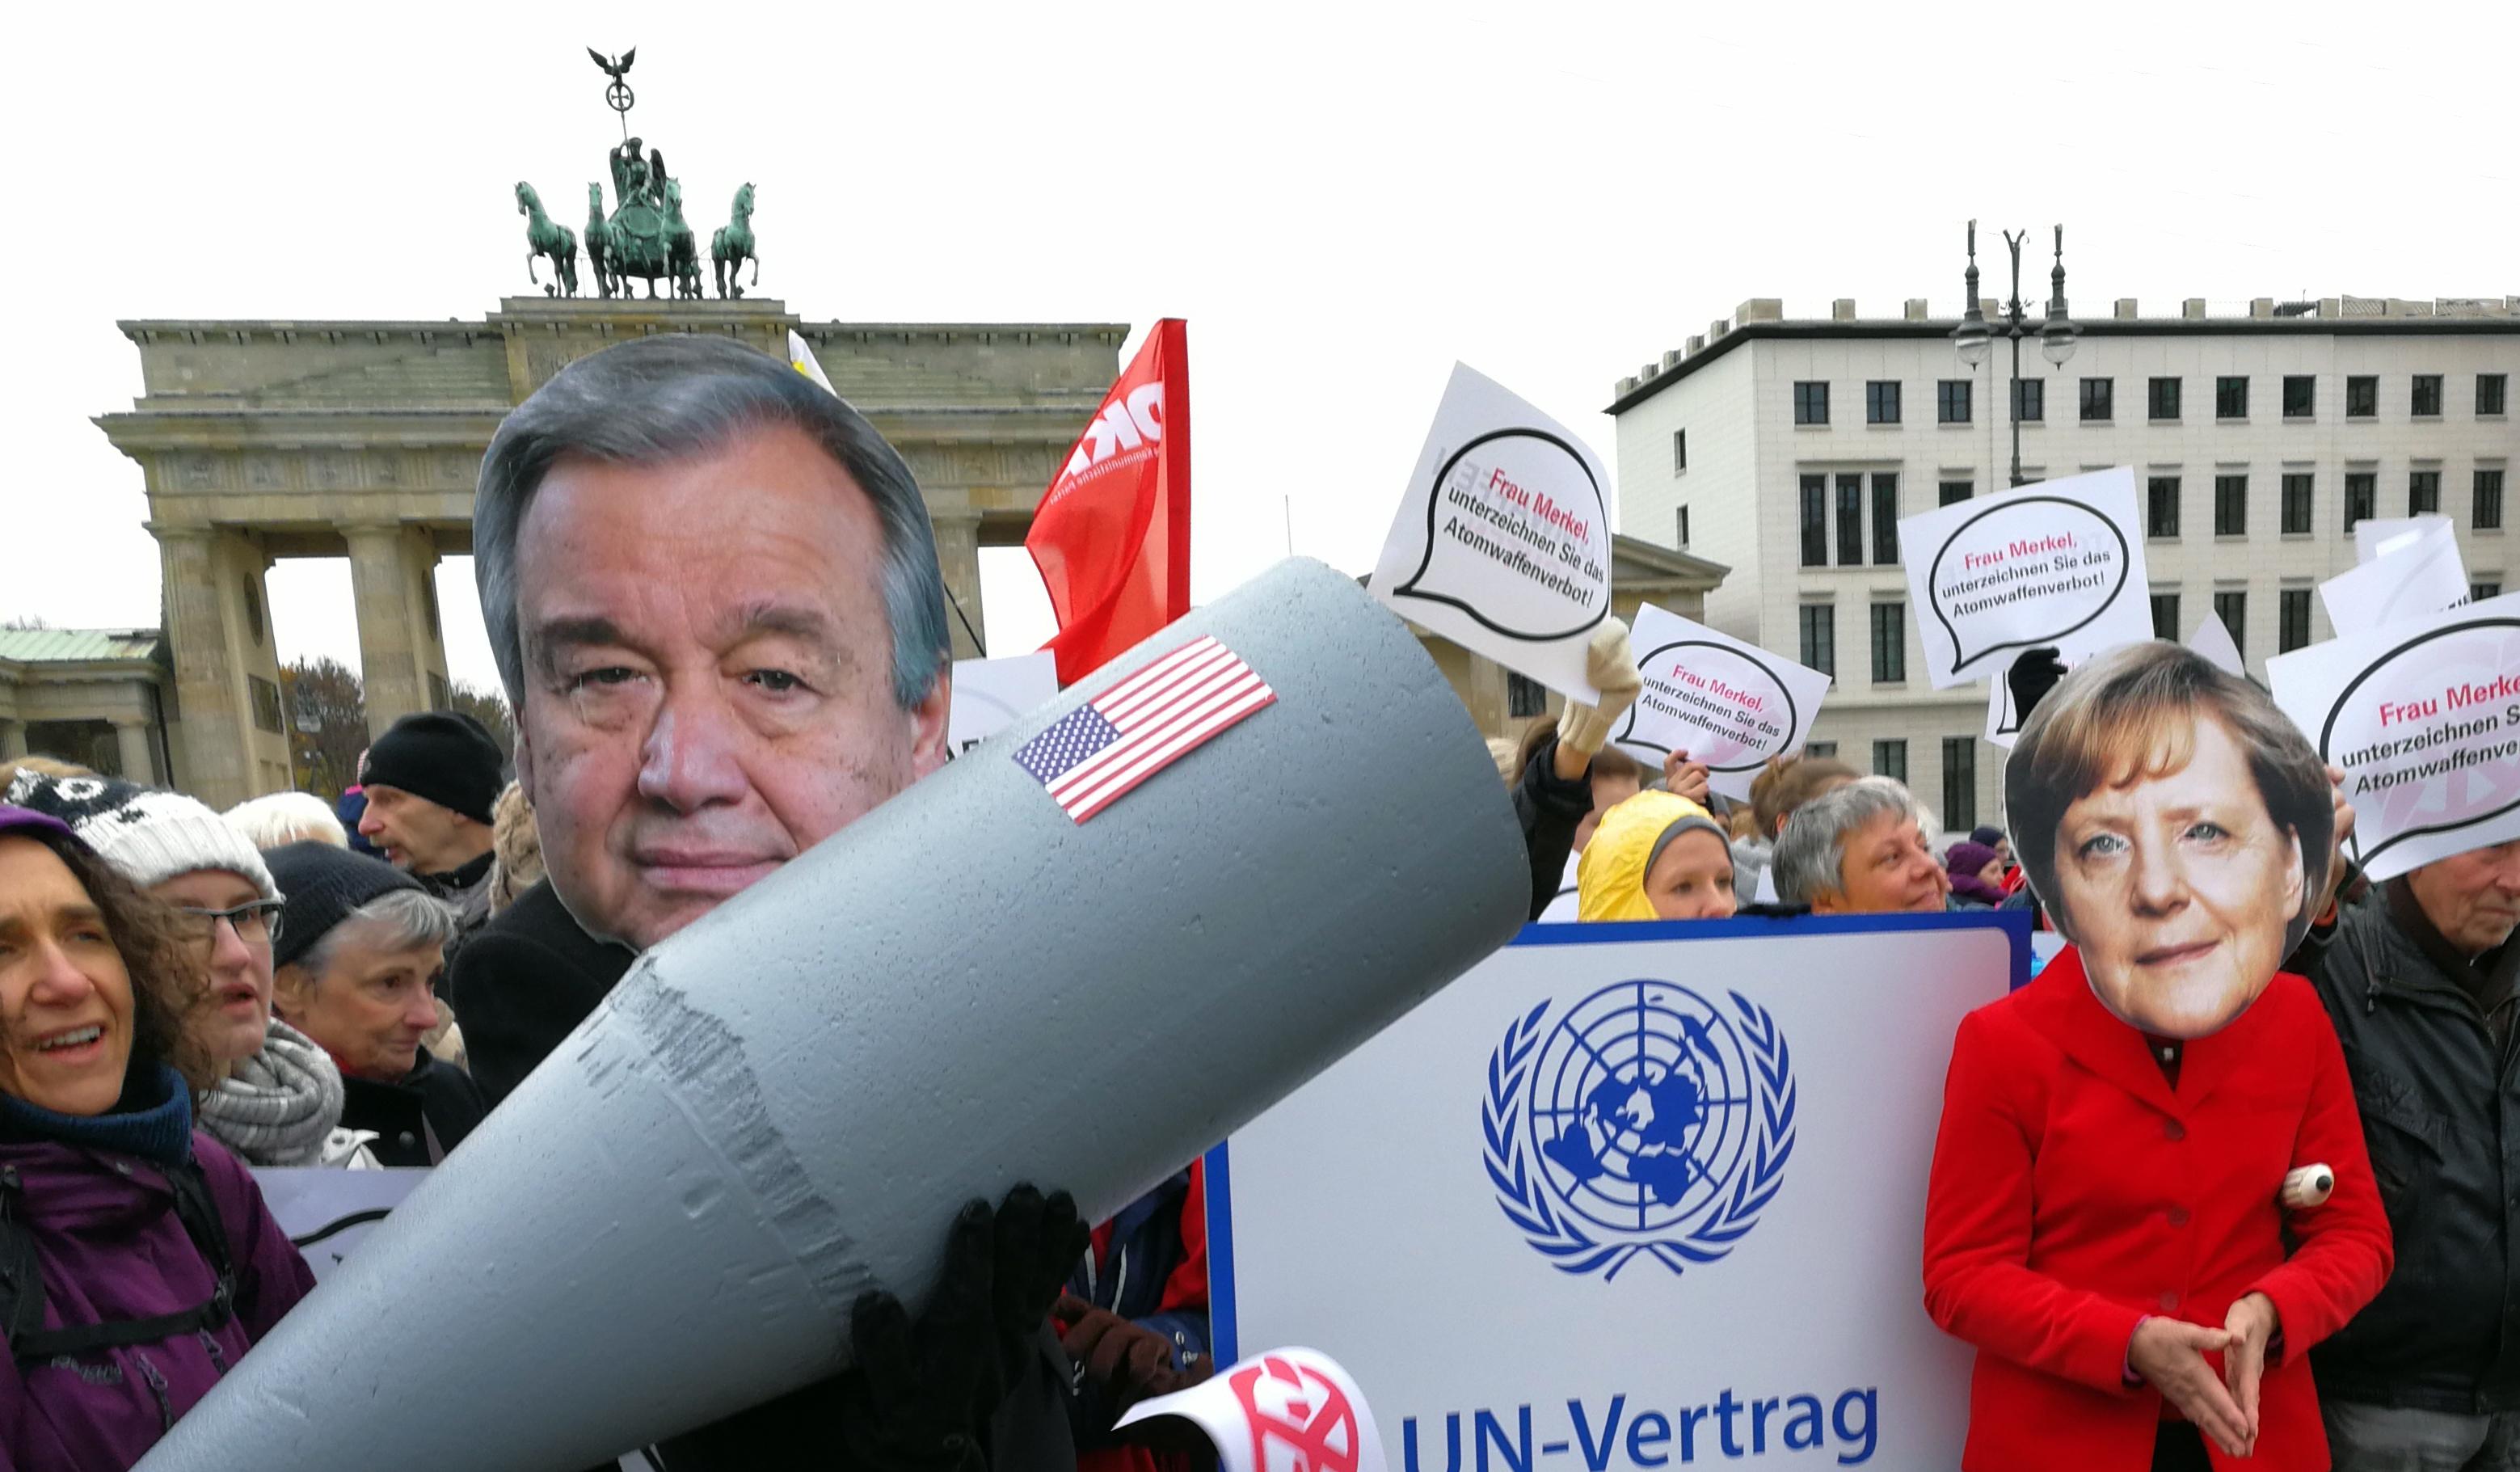 Über den Kampf für ein atomwaffenfreies Deutschland und gegen nukleare Aufrüstung